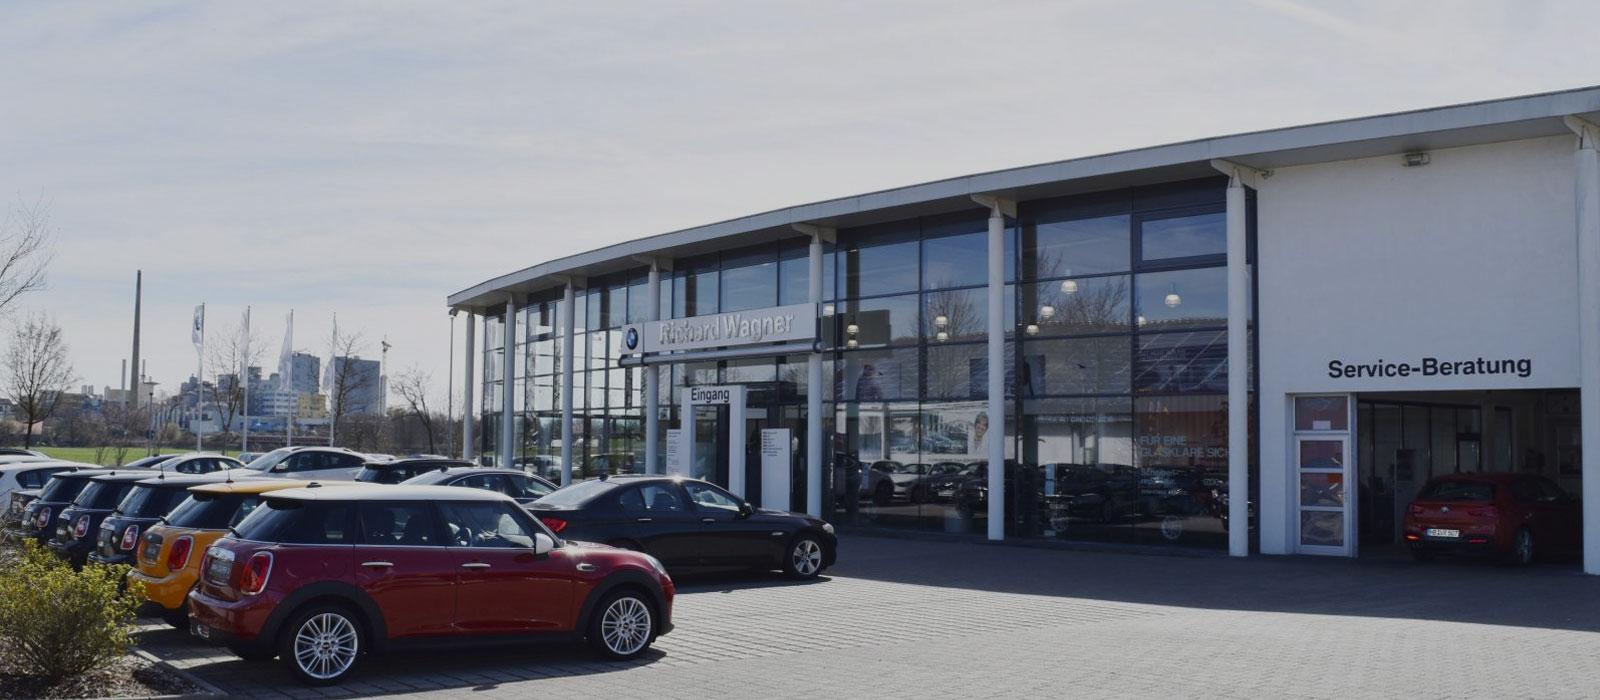 BMW Wagner Standort Wasserburg